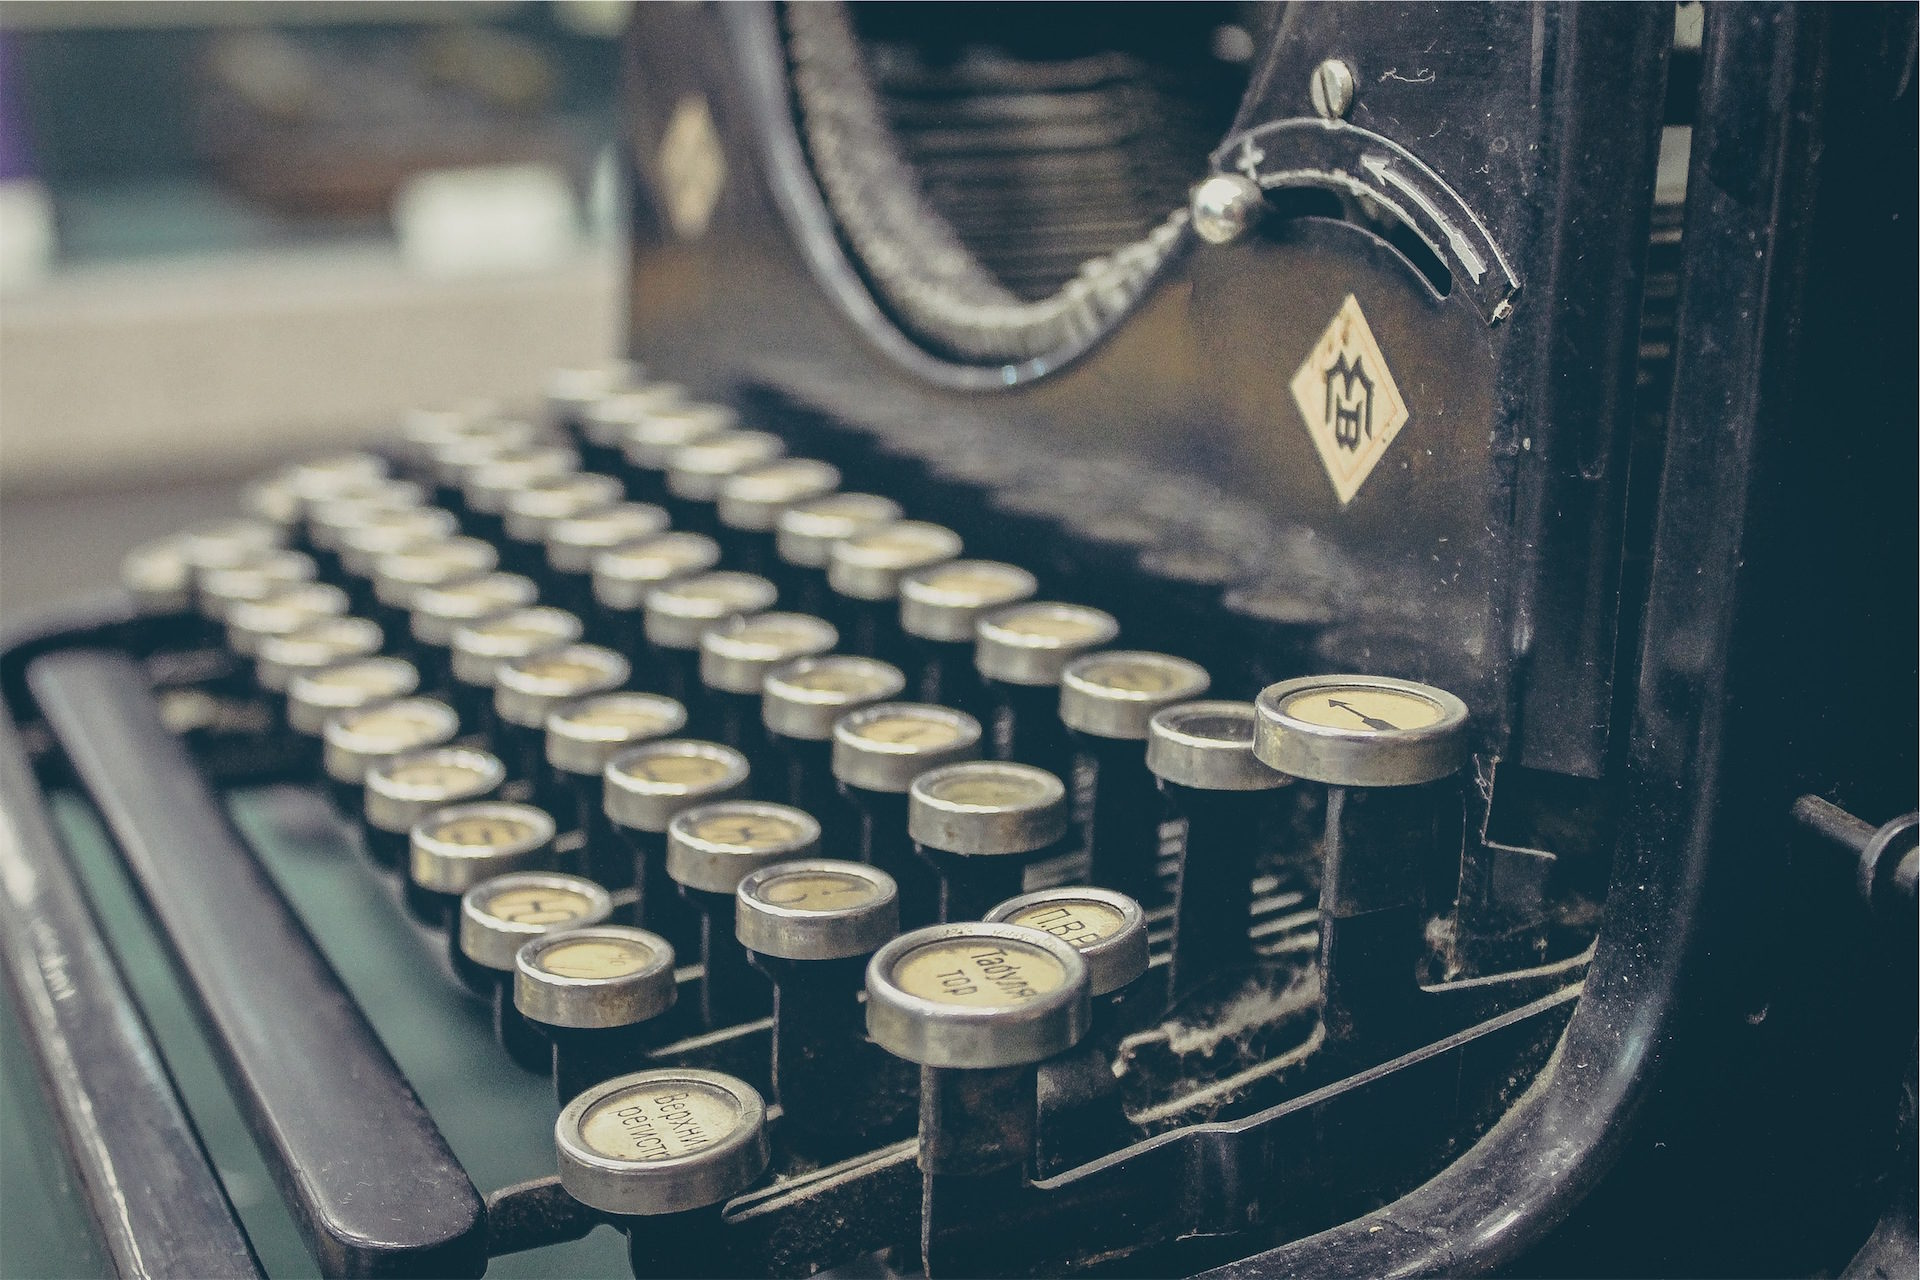 机器, 写, 钥匙, 老, 年份 - 高清壁纸 - 教授-falken.com